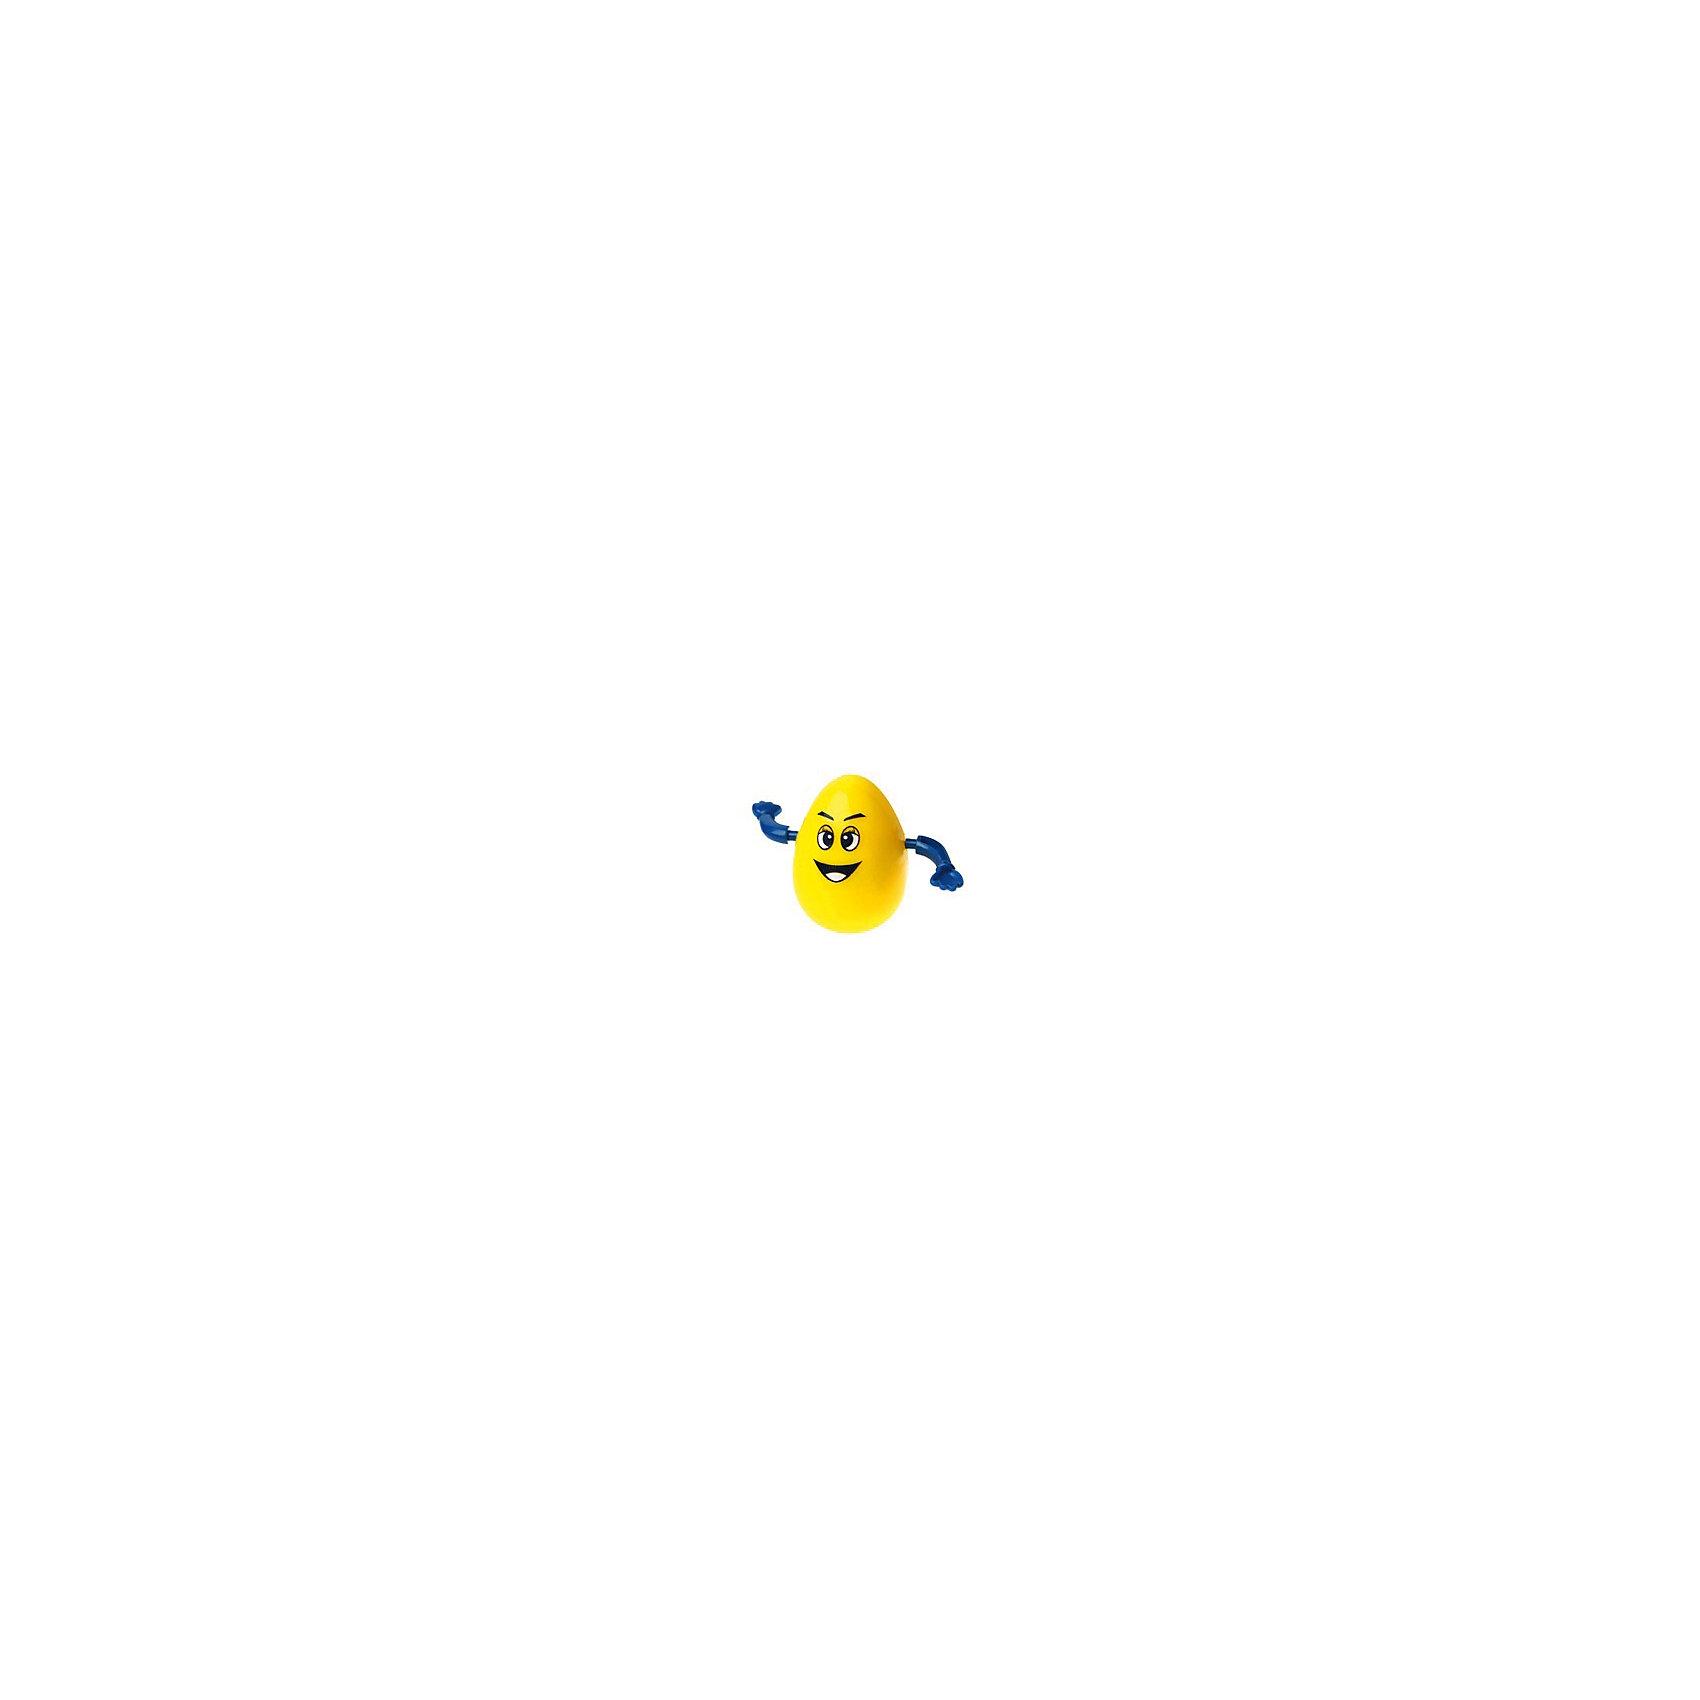 Заводная игрушка Шалтай-Болтай, InSummerЗаводная игрушка Шалтай-Болтай, InSummer<br><br>Характеристики:<br>- Состав: пластик  <br>- Размер: 9 * 5 * 7 см.<br>- Плавает в воде<br><br>Забавная заводная игрушка Шалтай-Болтай от производителя игр и товаров для детей InSummer (Инсаммер). Веселое личико этого желтого яичка заставляет улыбнуться, если завести Шалтая-Болтая, то он будет крутить своими ручками. Игрушку можно брать с собой в ванную и она будет держаться на воде. Игрушка выполнена из пластика, поэтому безопасна для воды. Озорной Шалтай-Болтай поможет развить воображение и придумать много игр как в воде, так и на суше.<br><br>Заводную игрушку Шалтай-Болтай, InSummer (Инсаммер) можно купить в нашем интернет-магазине.<br>Подробнее:<br>• Для детей в возрасте: от 3 до 8 лет <br>• Номер товара: 4624438<br>Страна производитель: Китай<br><br>Ширина мм: 50<br>Глубина мм: 70<br>Высота мм: 90<br>Вес г: 2<br>Возраст от месяцев: 36<br>Возраст до месяцев: 120<br>Пол: Унисекс<br>Возраст: Детский<br>SKU: 4624438